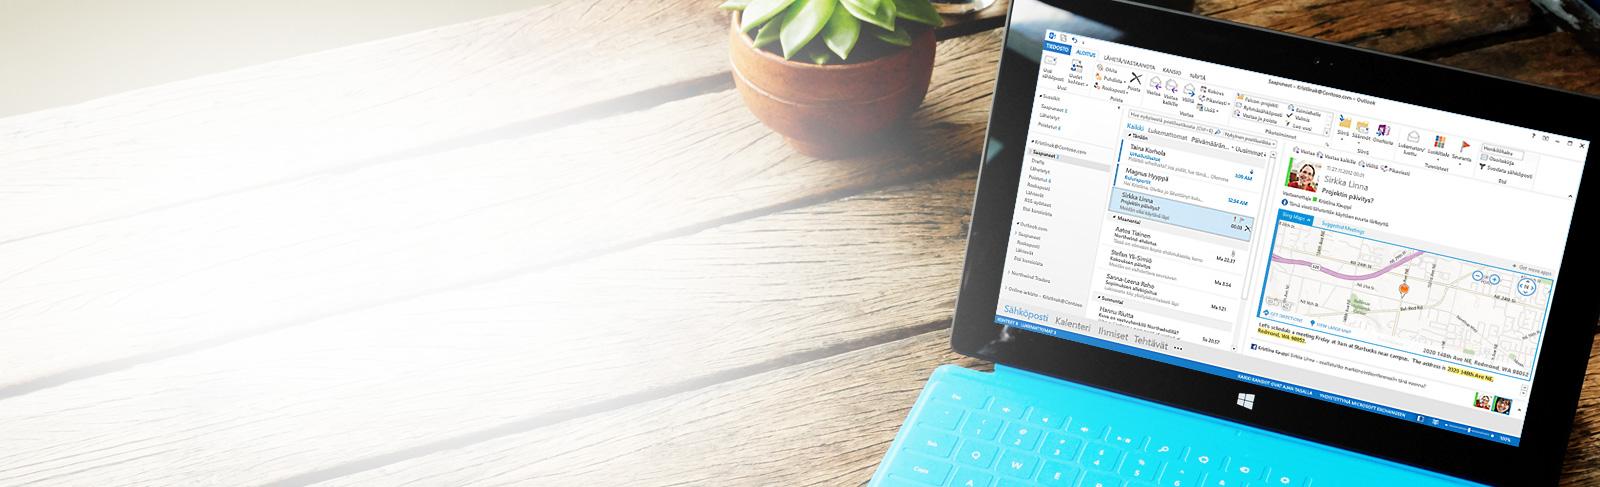 Tabletti, jossa näkyvissä Microsoft Outlook 2013:n Saapuneet-kansio, viestiluettelo ja esikatselu.